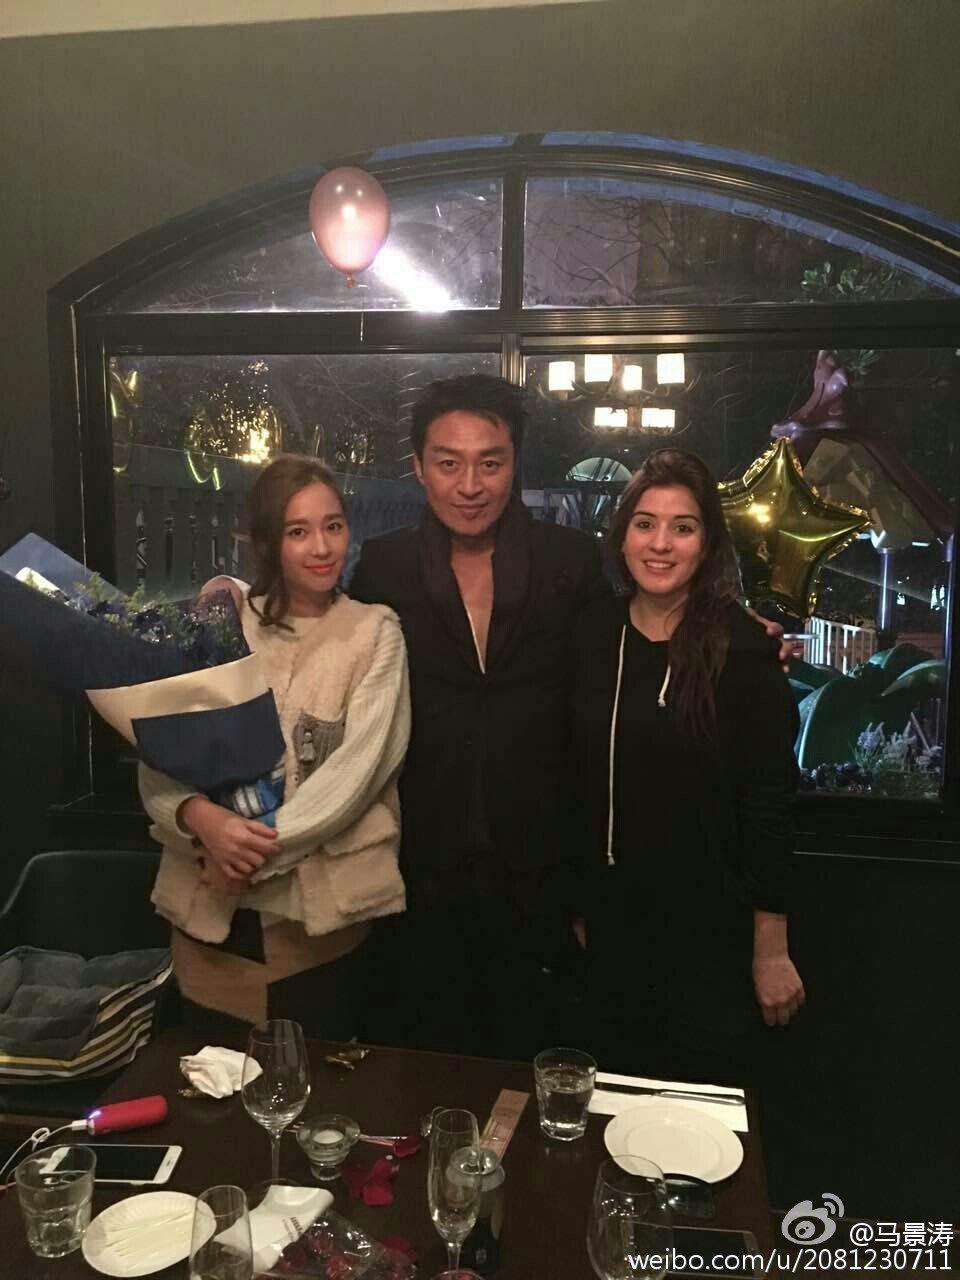 馬景濤(中)與吳佳尼(左)宣告離婚。 圖/擷自馬景濤微博